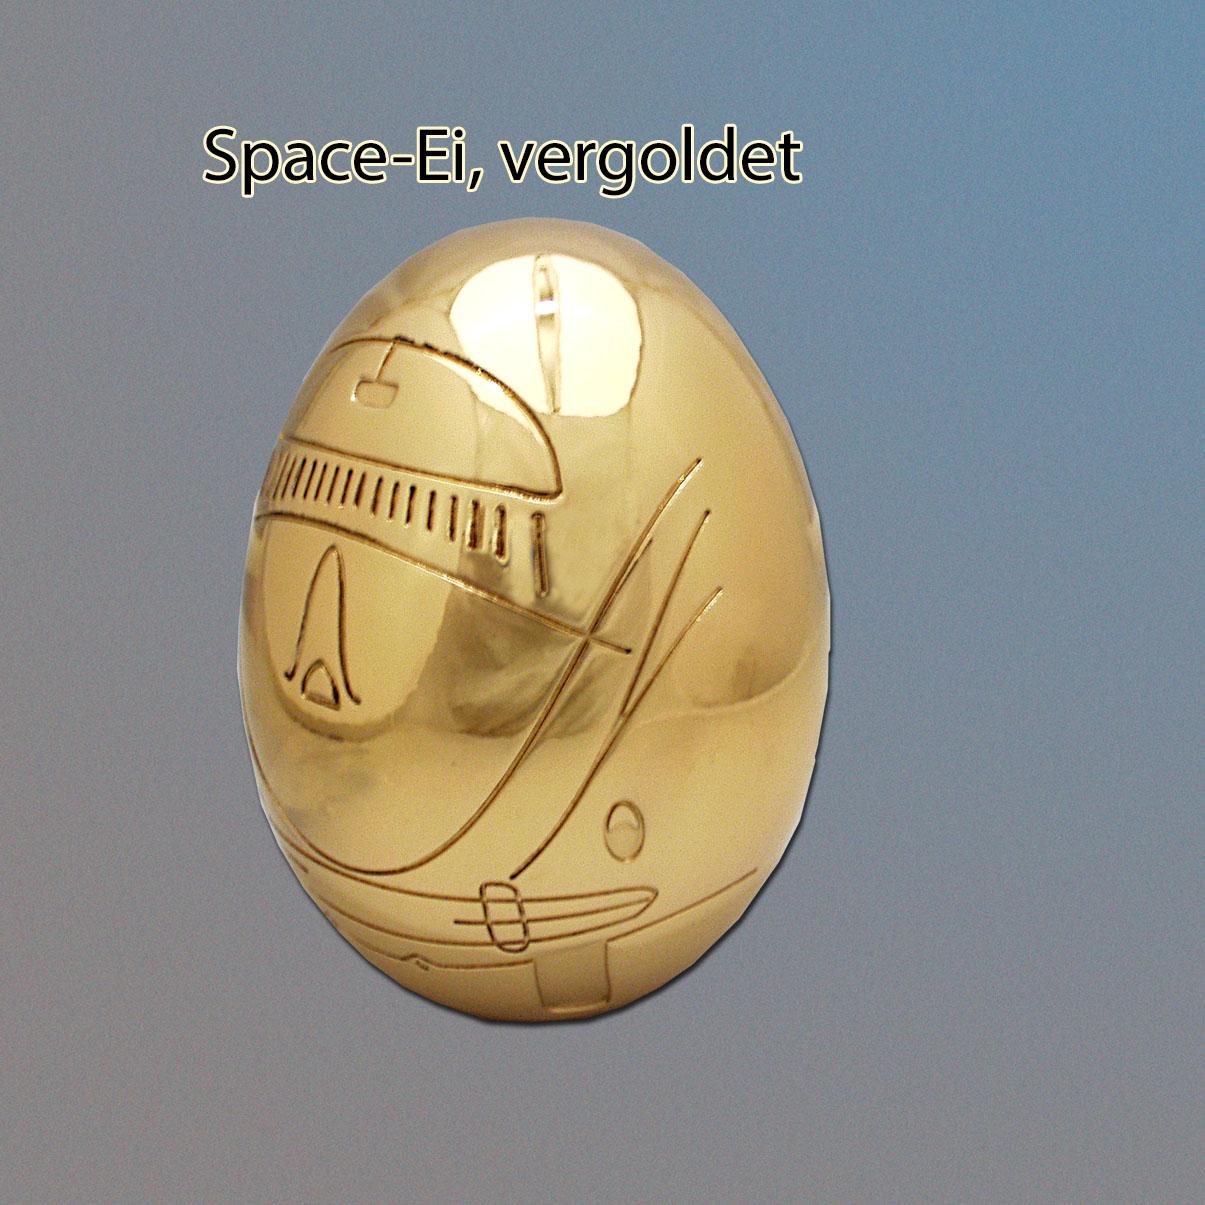 vergoldetes Space-Ei